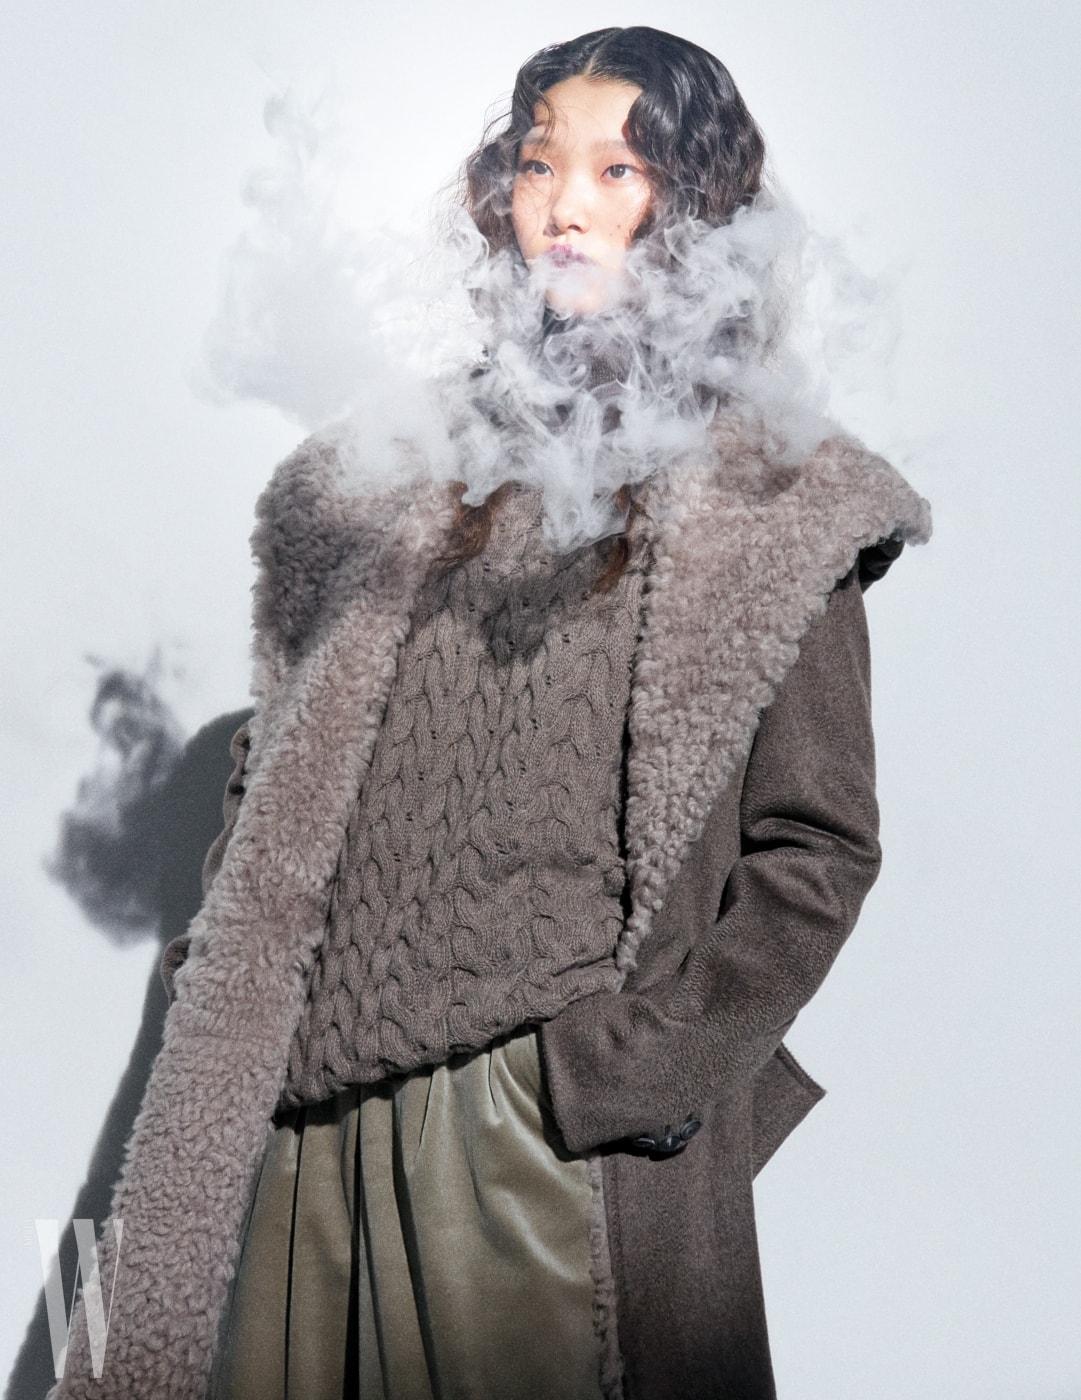 꽈배기 무늬 니트와 양털 코트, 벨벳 팬츠는 모두 Max Mara 제품.